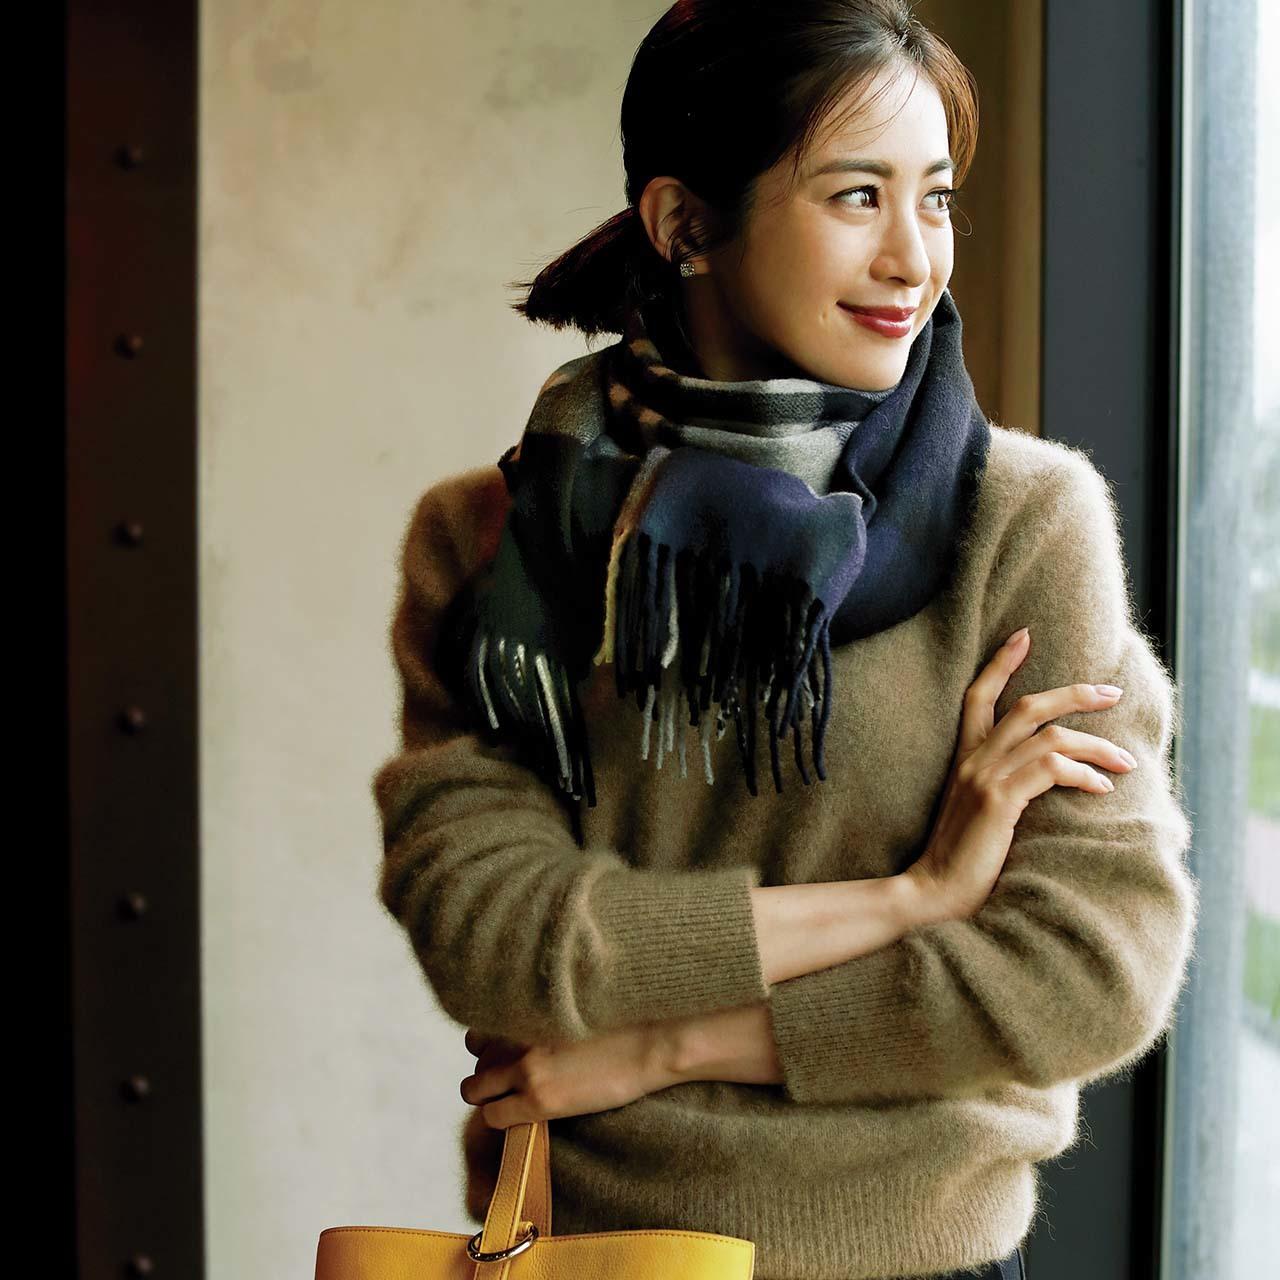 ベージュモヘアニット+チェック柄ストールコーデを着たモデルの高垣麗子さん